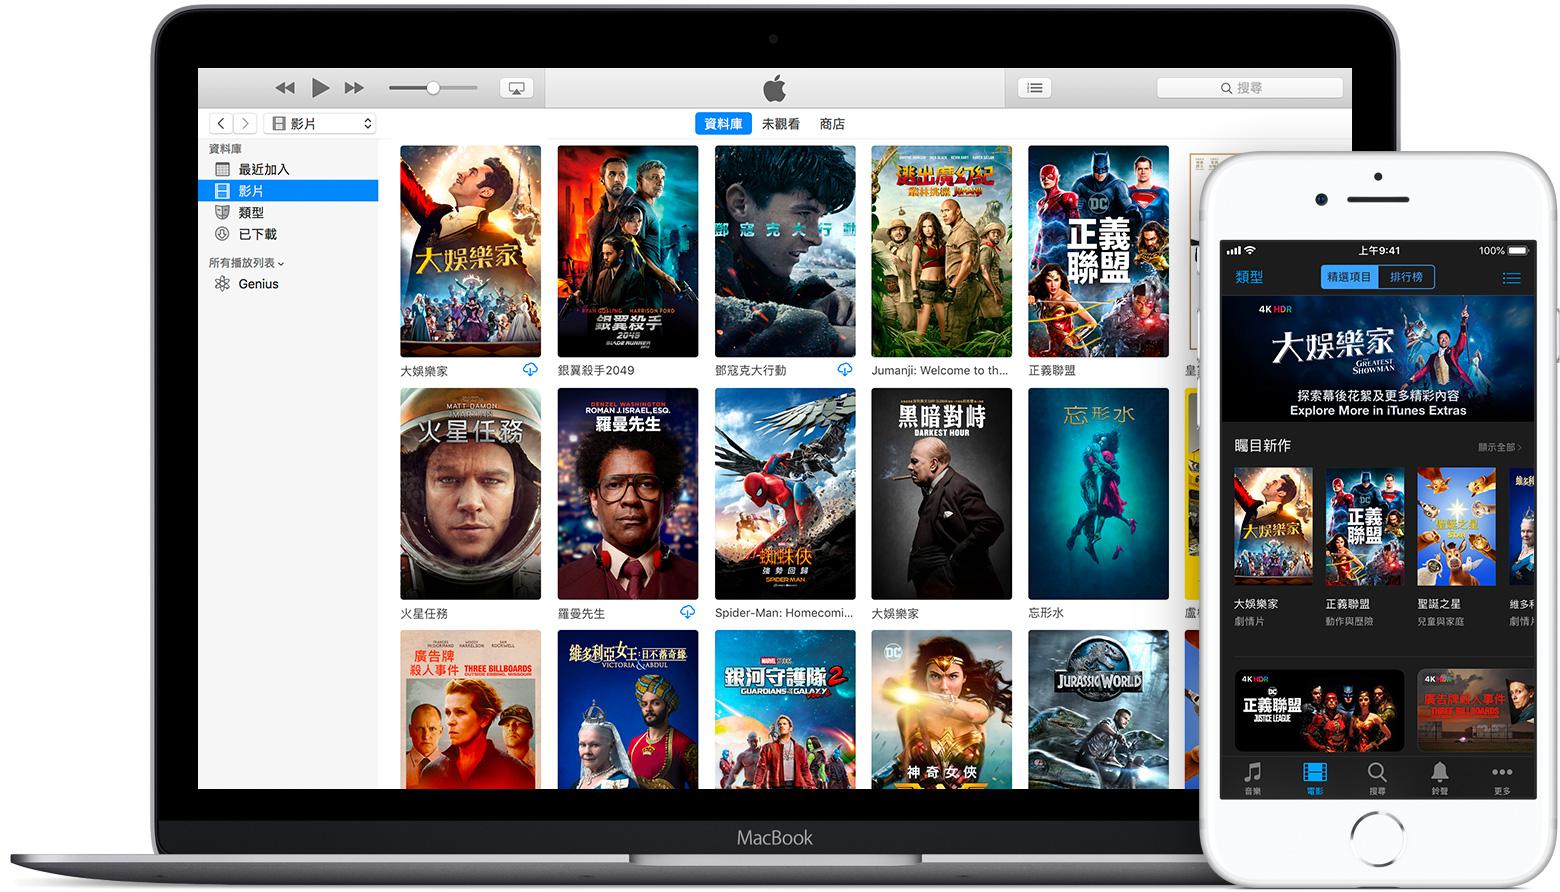 從 iTunes Store 下載或串流電影和電視節目 - Apple 支援